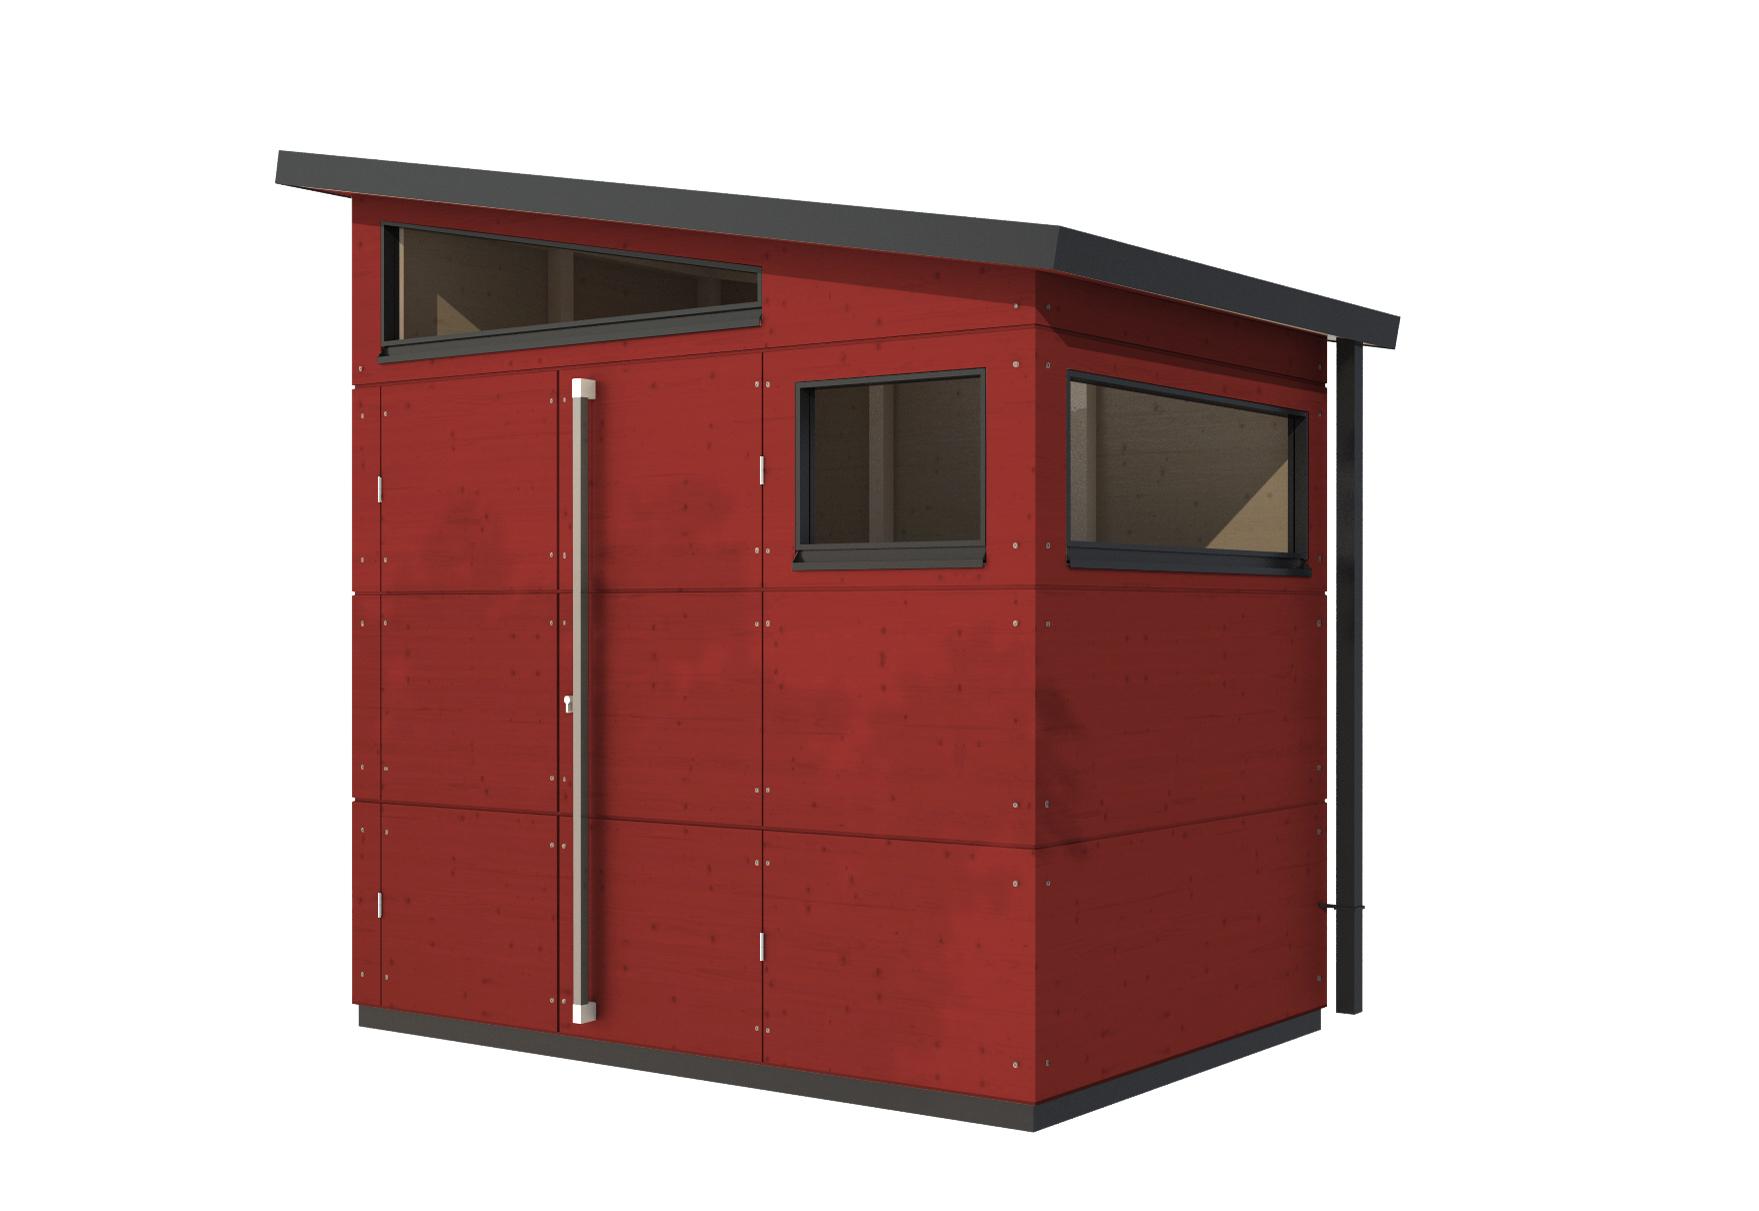 gartenhaus pultdach s von gartana | stylepark